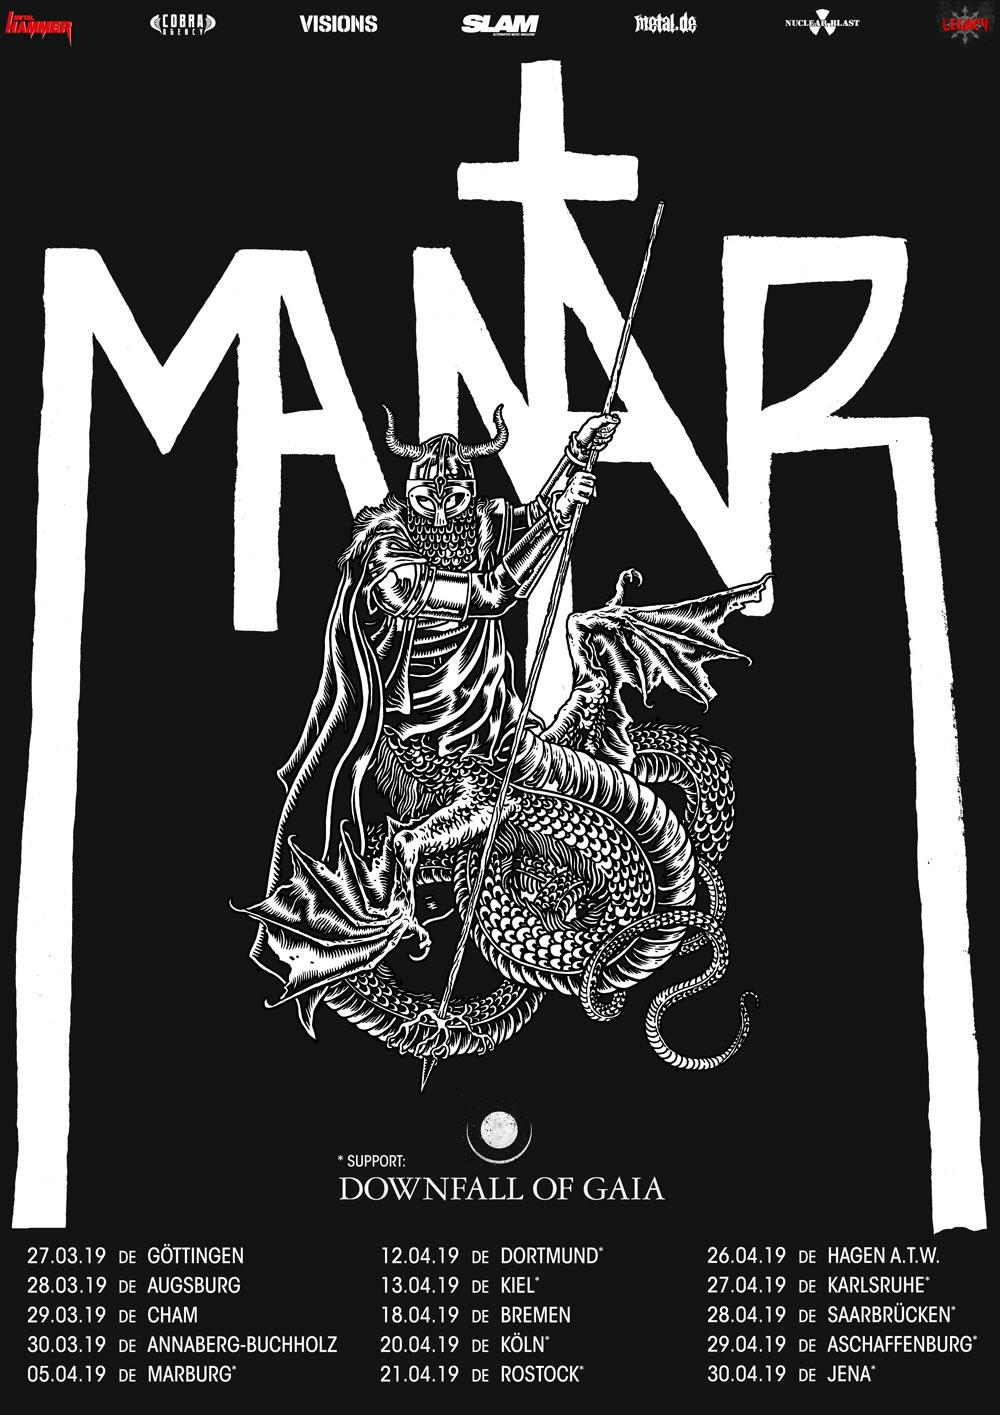 Mantar Tour 2019